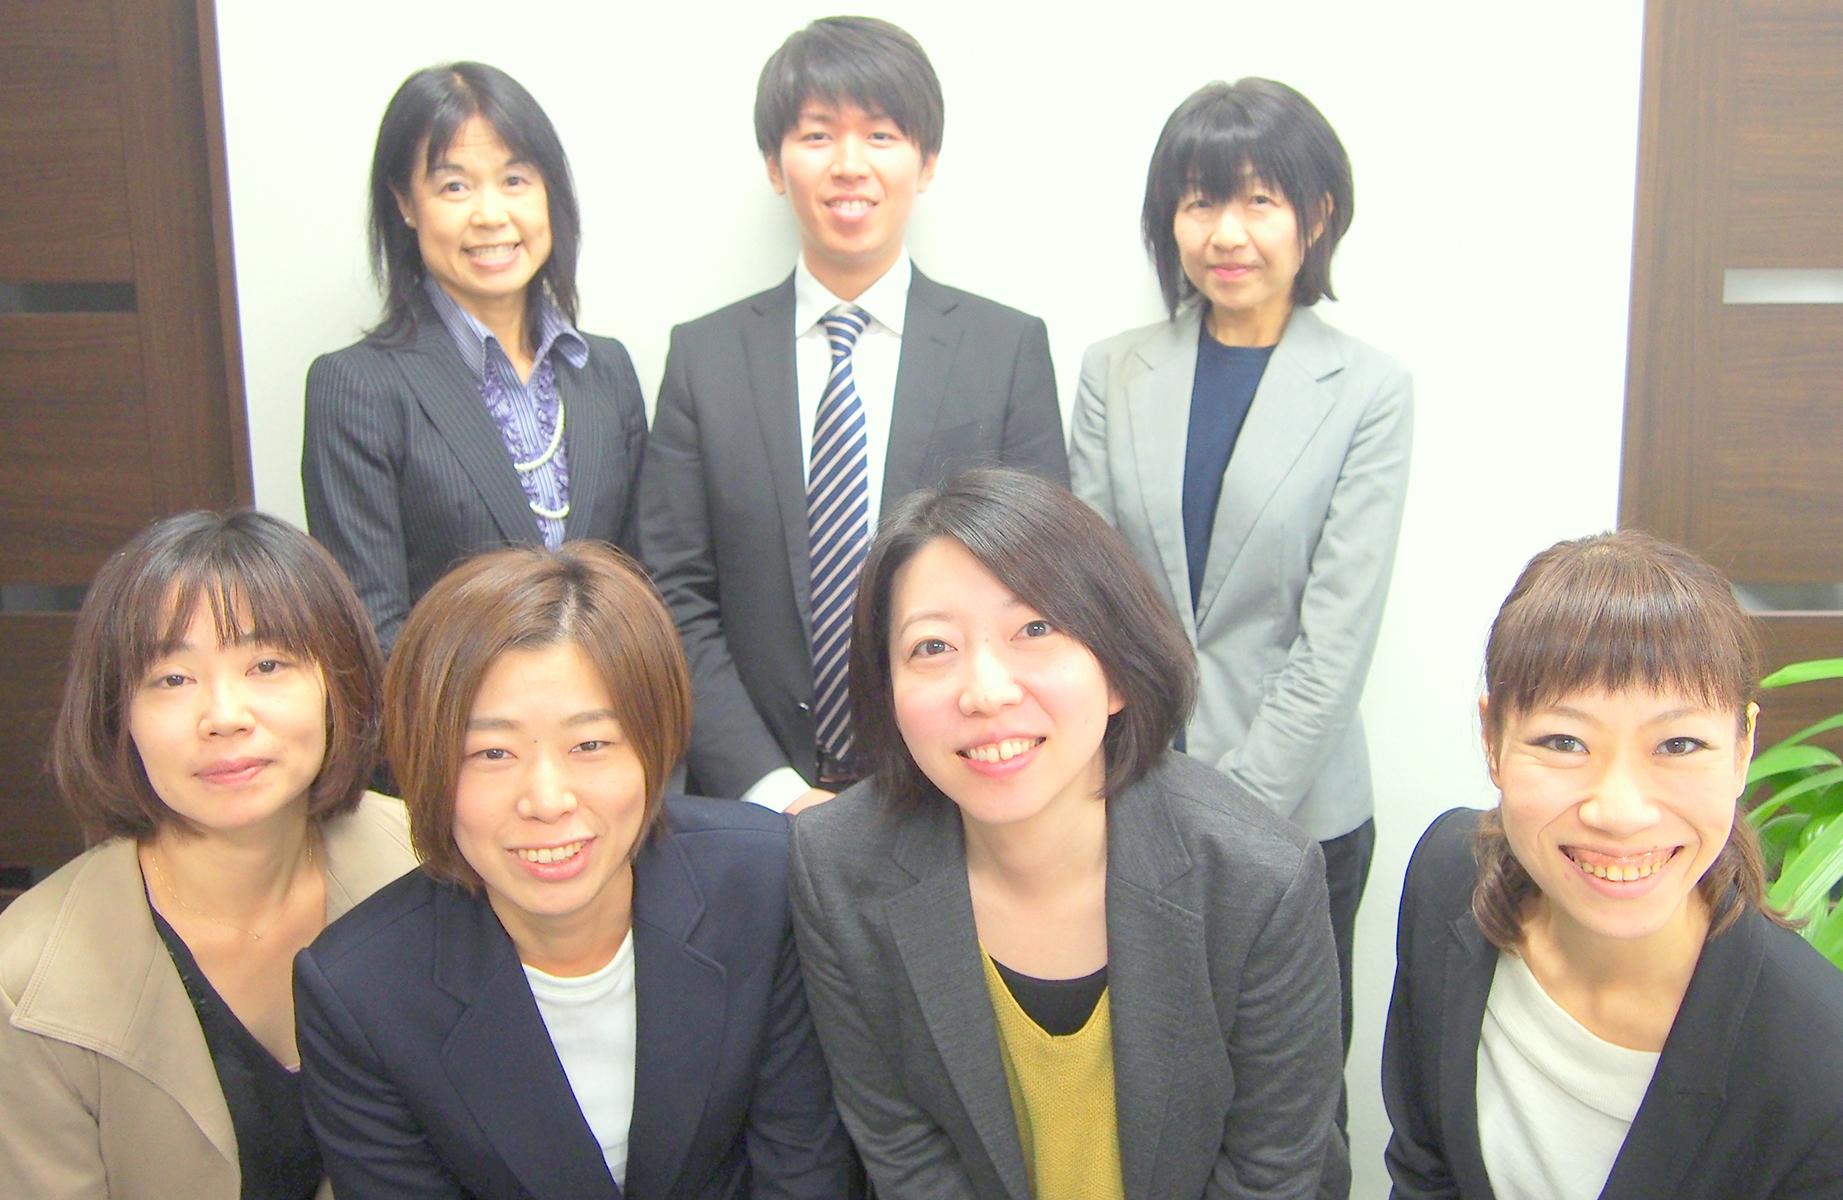 大阪で助成金についてご相談なら大阪・京都助成金相談センター | スタッフ一同